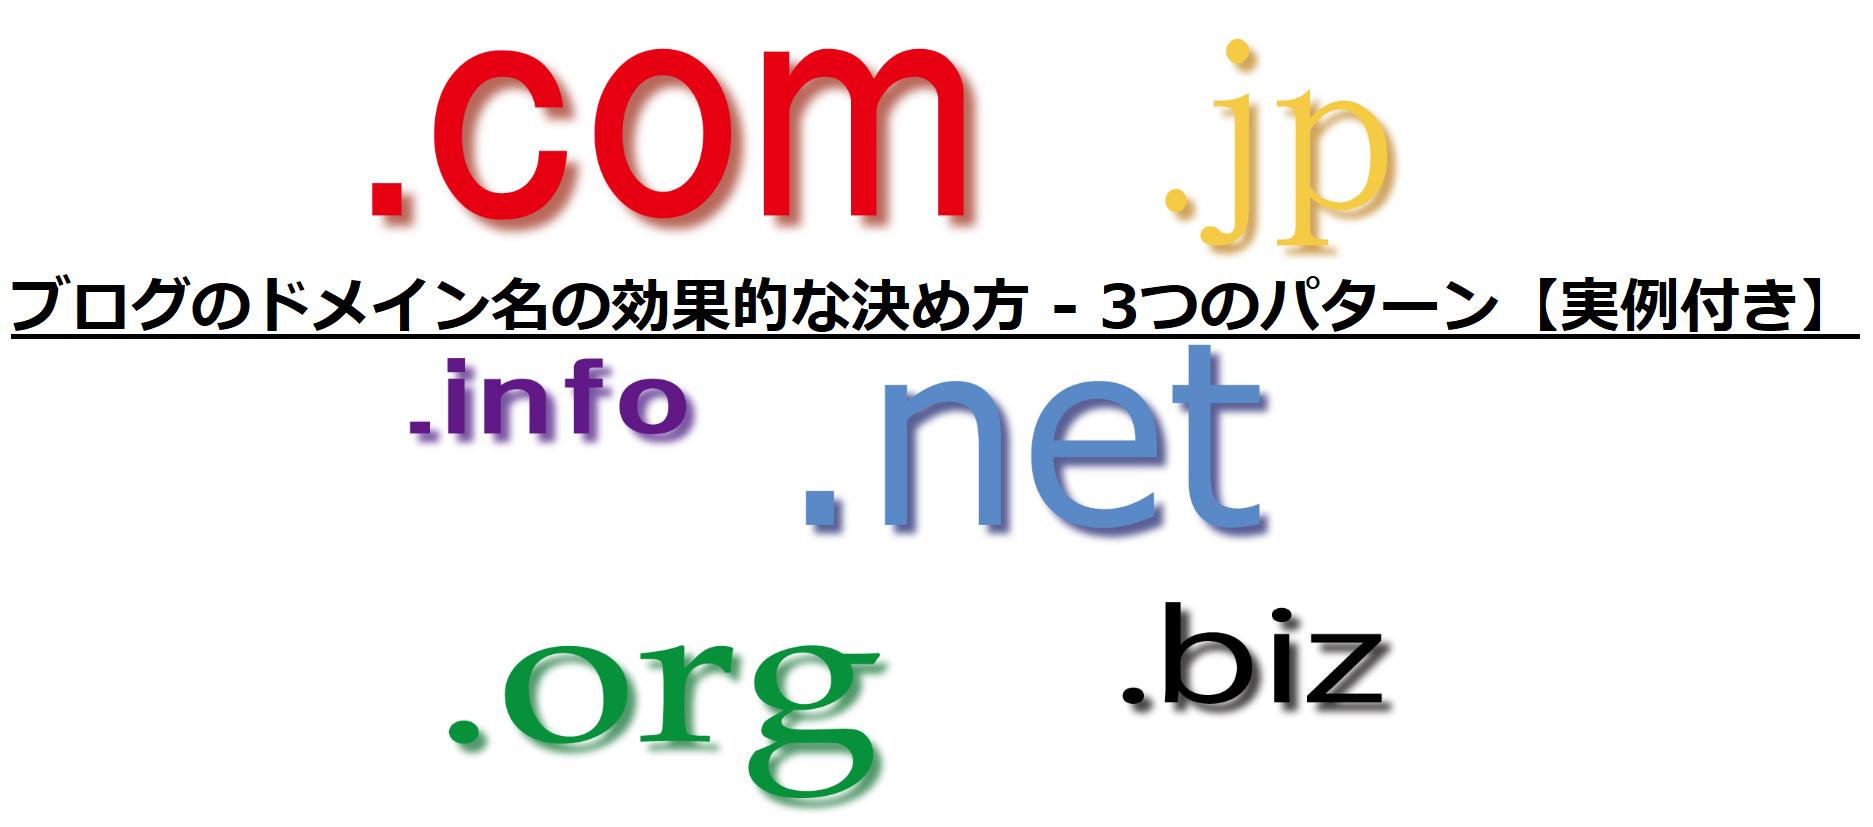 ブログのドメイン名の効果的な決め方 - 3つのパターン【実例付き】